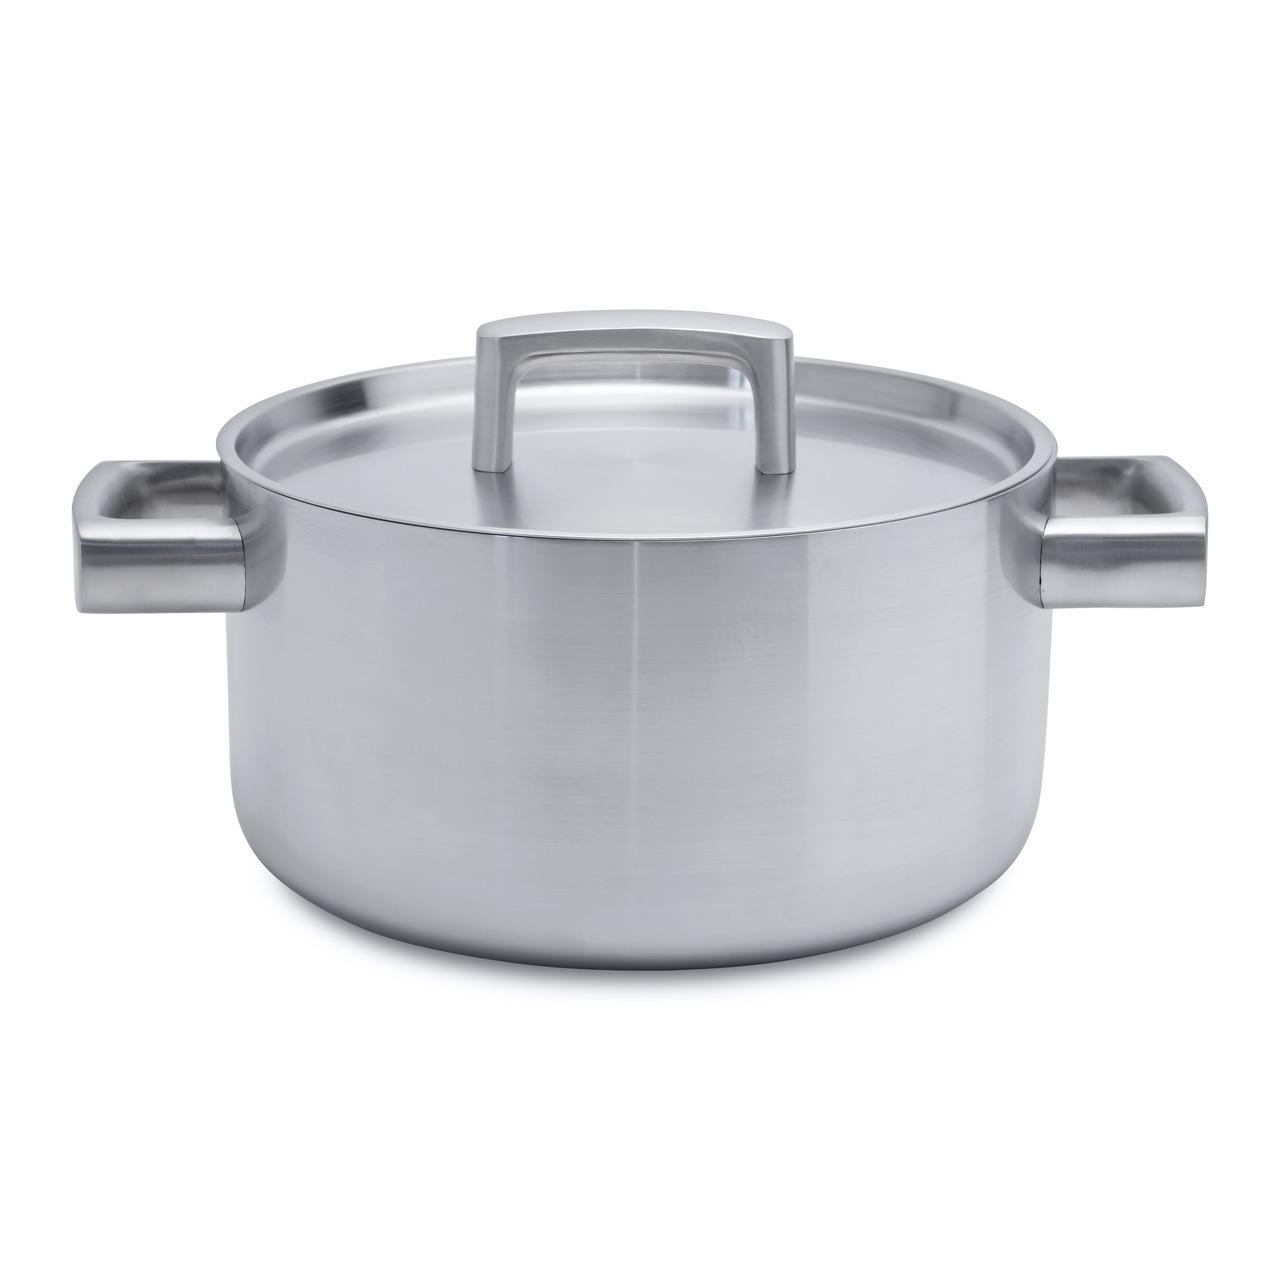 Кастрюля с крышкой 22см 4,3л (5-слойный материал) BergHOFF Ron 3900032Кастрюли<br>Кастрюля с крышкой 22см 4,3л (5-слойный материал) BergHOFF Ron 3900032<br><br>Для всех типов блюд маленького или среднего размера, гарниров, идеален для тушения овощей. 4 различных материала расположены в изобретательном 5-слойном альянсе для равномерного распределения тепла. <br>Дно и корпус формируют бесшовное целое, гарантирующее, что тепло быстро распределяется по дну до обода. <br>Ненагревающиеся ручки обеспечивают безопасность и комфорт. Крышка плотно закрывает кастрюлю, удерживая естественную влагу и соки ингредиентов внутри. Конструкция дна делает возможным энергоэффективное приготовление пищи и равномерное распределение тепла по всей поверхностиОтмеченная наградами коллекция Ron предлагает на выбор 4 впечатляющих стиля для воплощения множества кулинарных приемов. В дополнение к своей универсальности по принципу смешивай и сочетай, линия Ron выполнена в стилистическом единстве: штатный дизайнер BergHOFF Питер Рукс с любовью создавал каждый предмет, используя как сочетающиеся, так и контрастирующие цвета и материалы.<br>Официальный продавец BergHOFF<br>